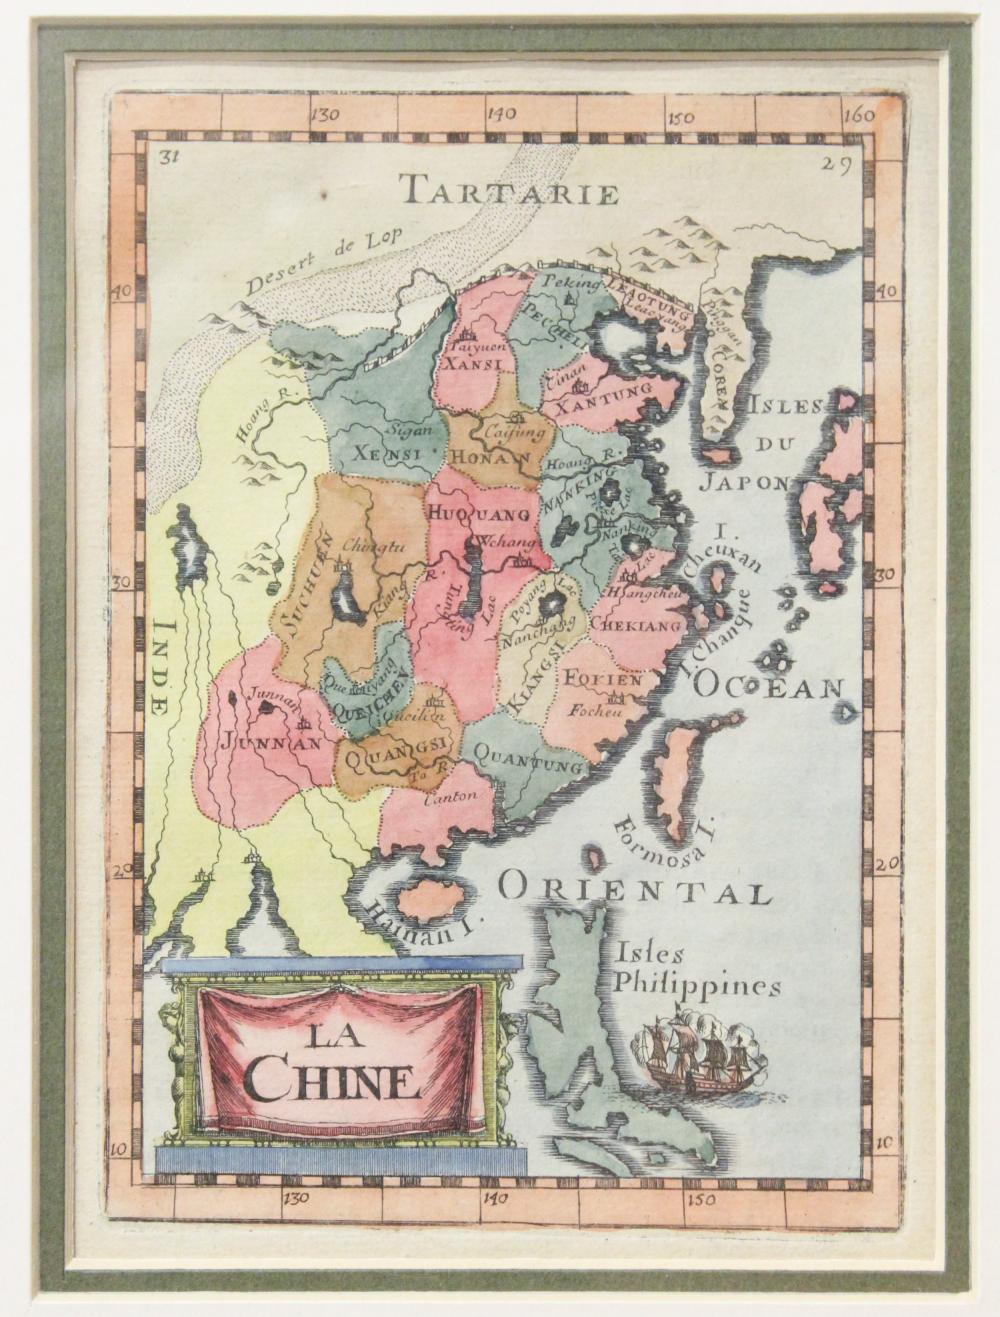 1683 Alain Mallet La Chine Map of China